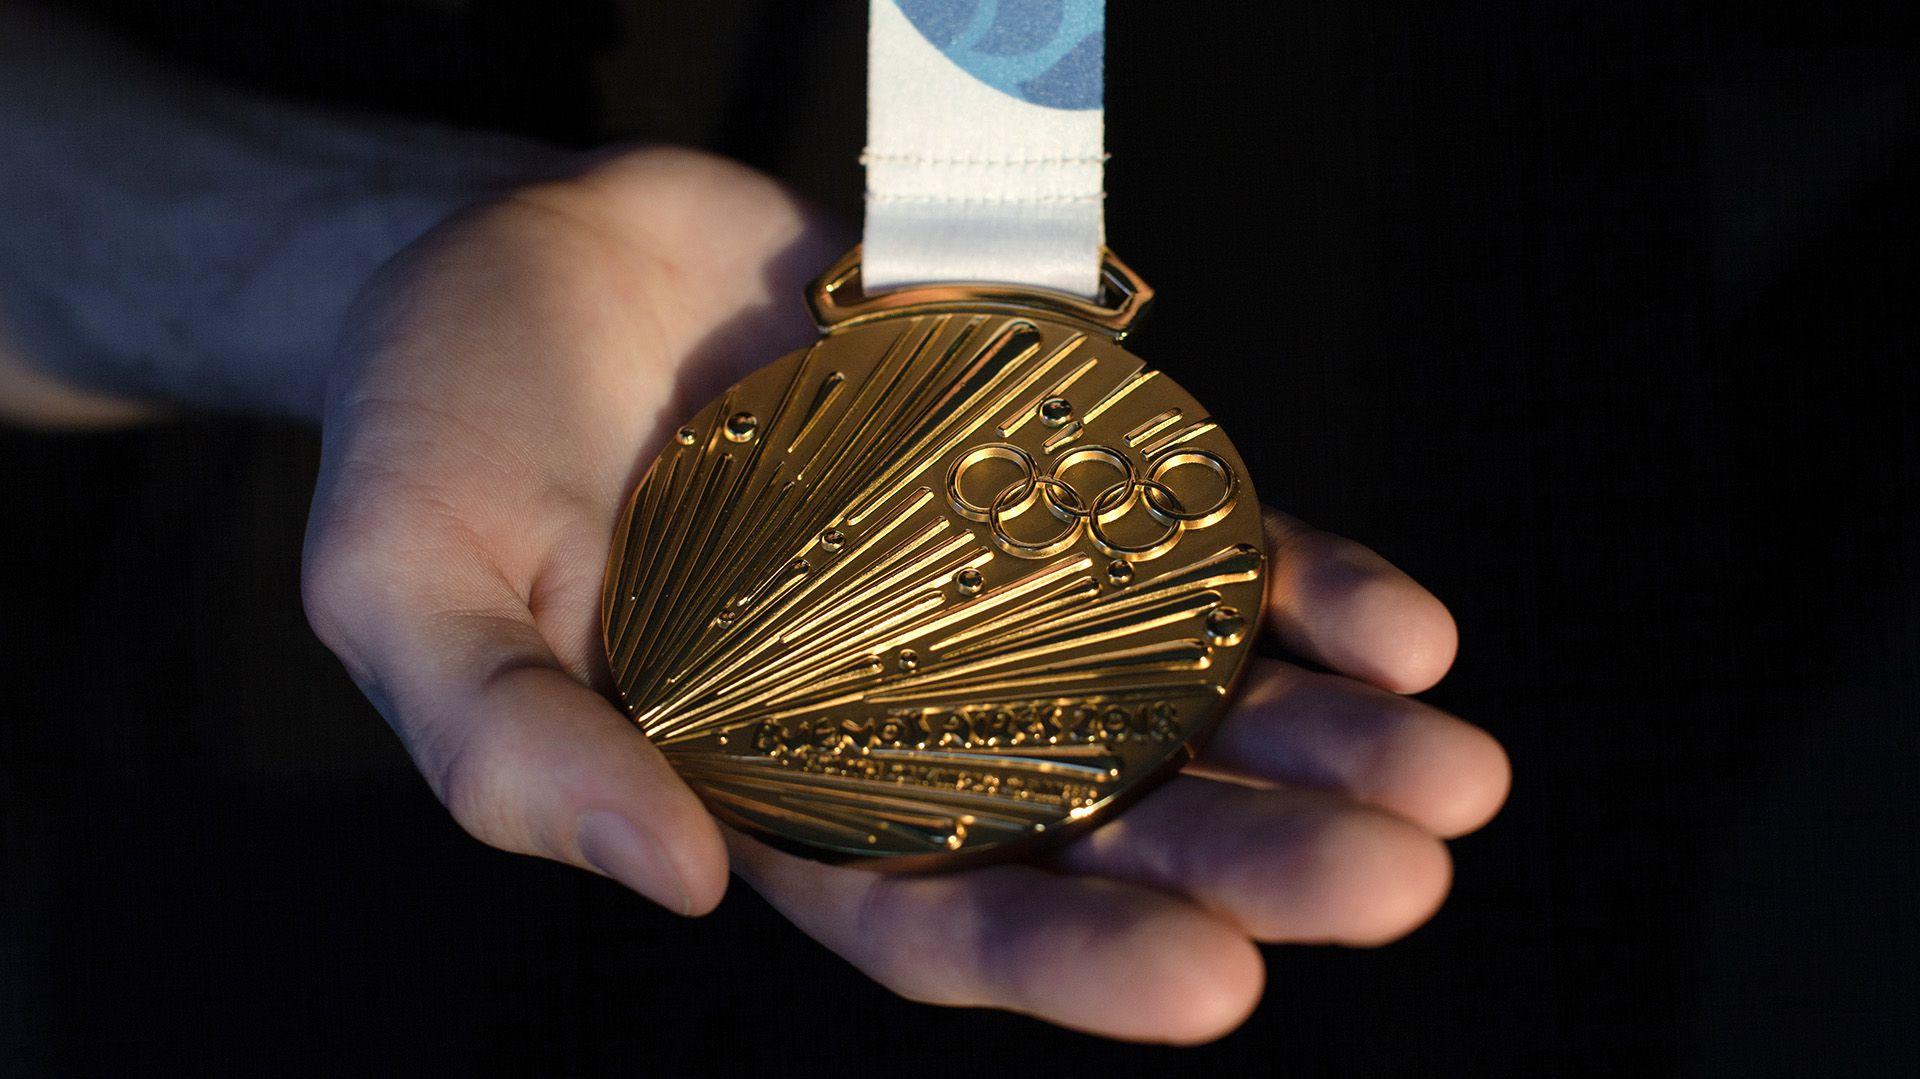 La medalla de oro de los Juegos Olímpicos de la Juventud de Buenos Aires, la primera vez que el break dancing fue incluido como evento (Emile Ducke/The New York Times)